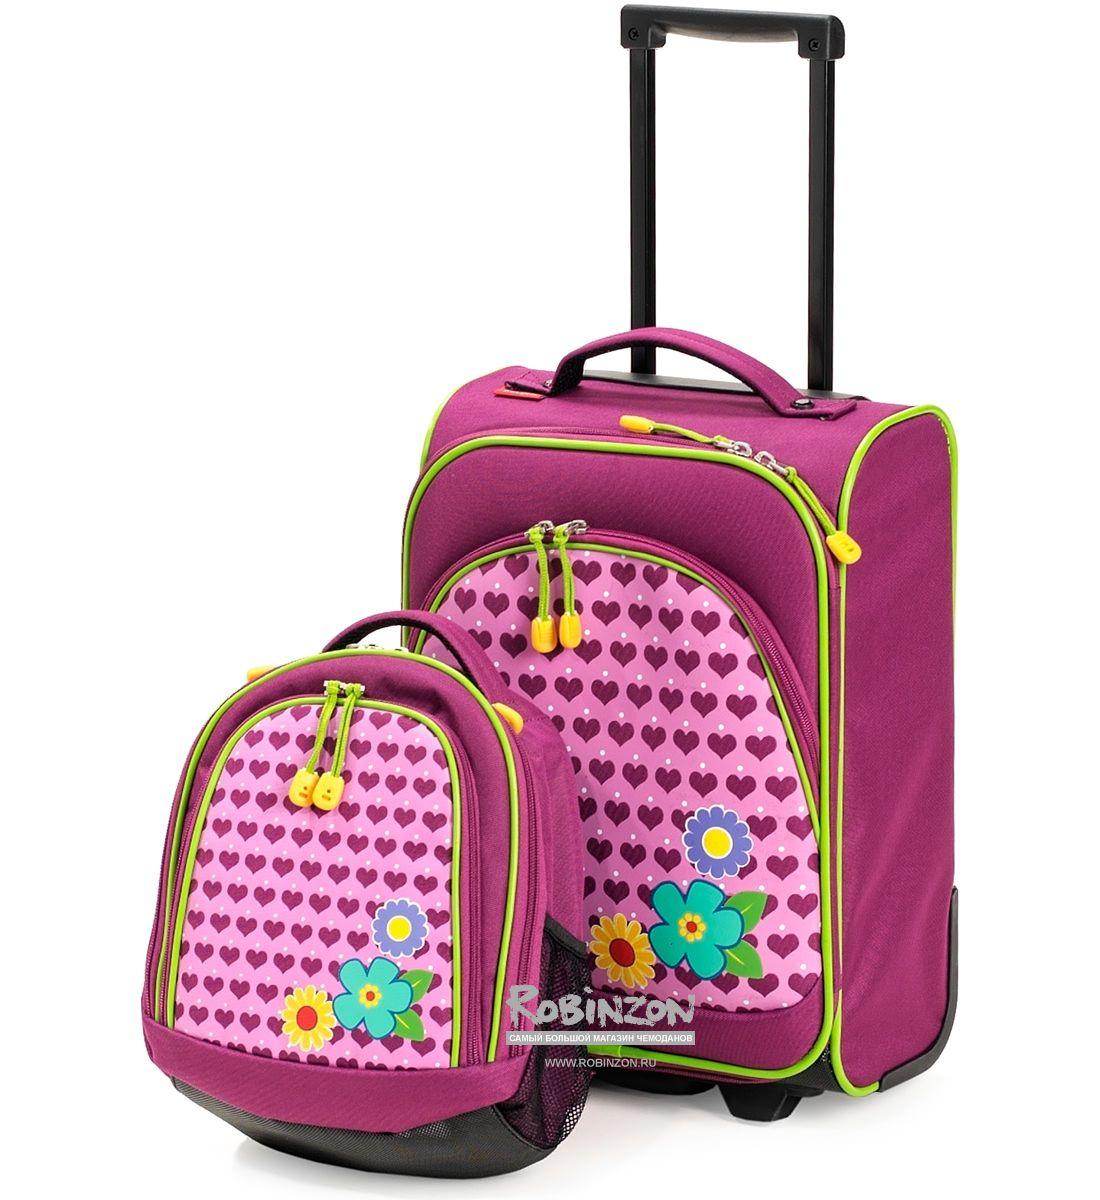 Детский багаж рюкзак спб песня накину рюкзак на плечо слушать